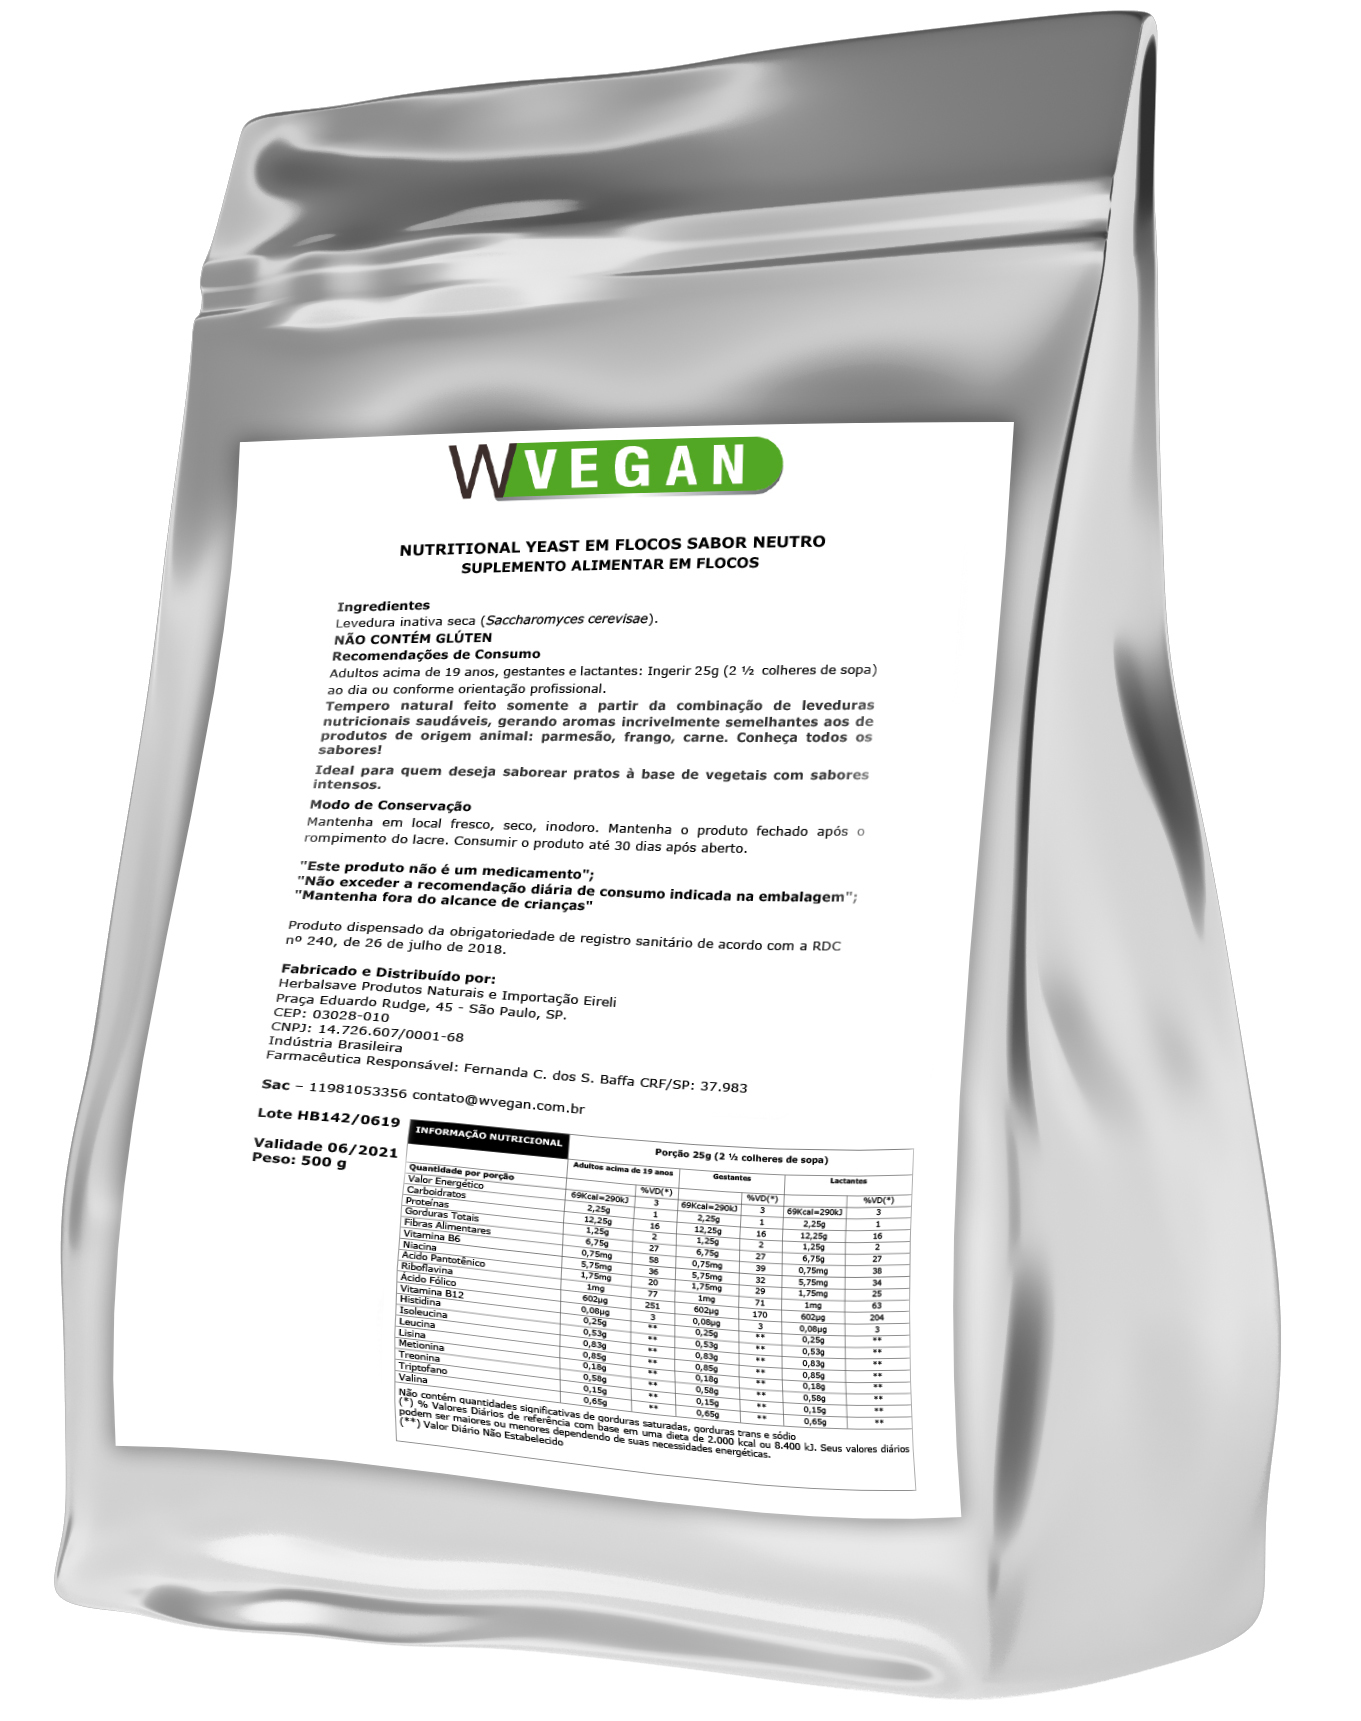 Nutritional Yeast Levedura em Flocos 500g ER WVegan - Neutro